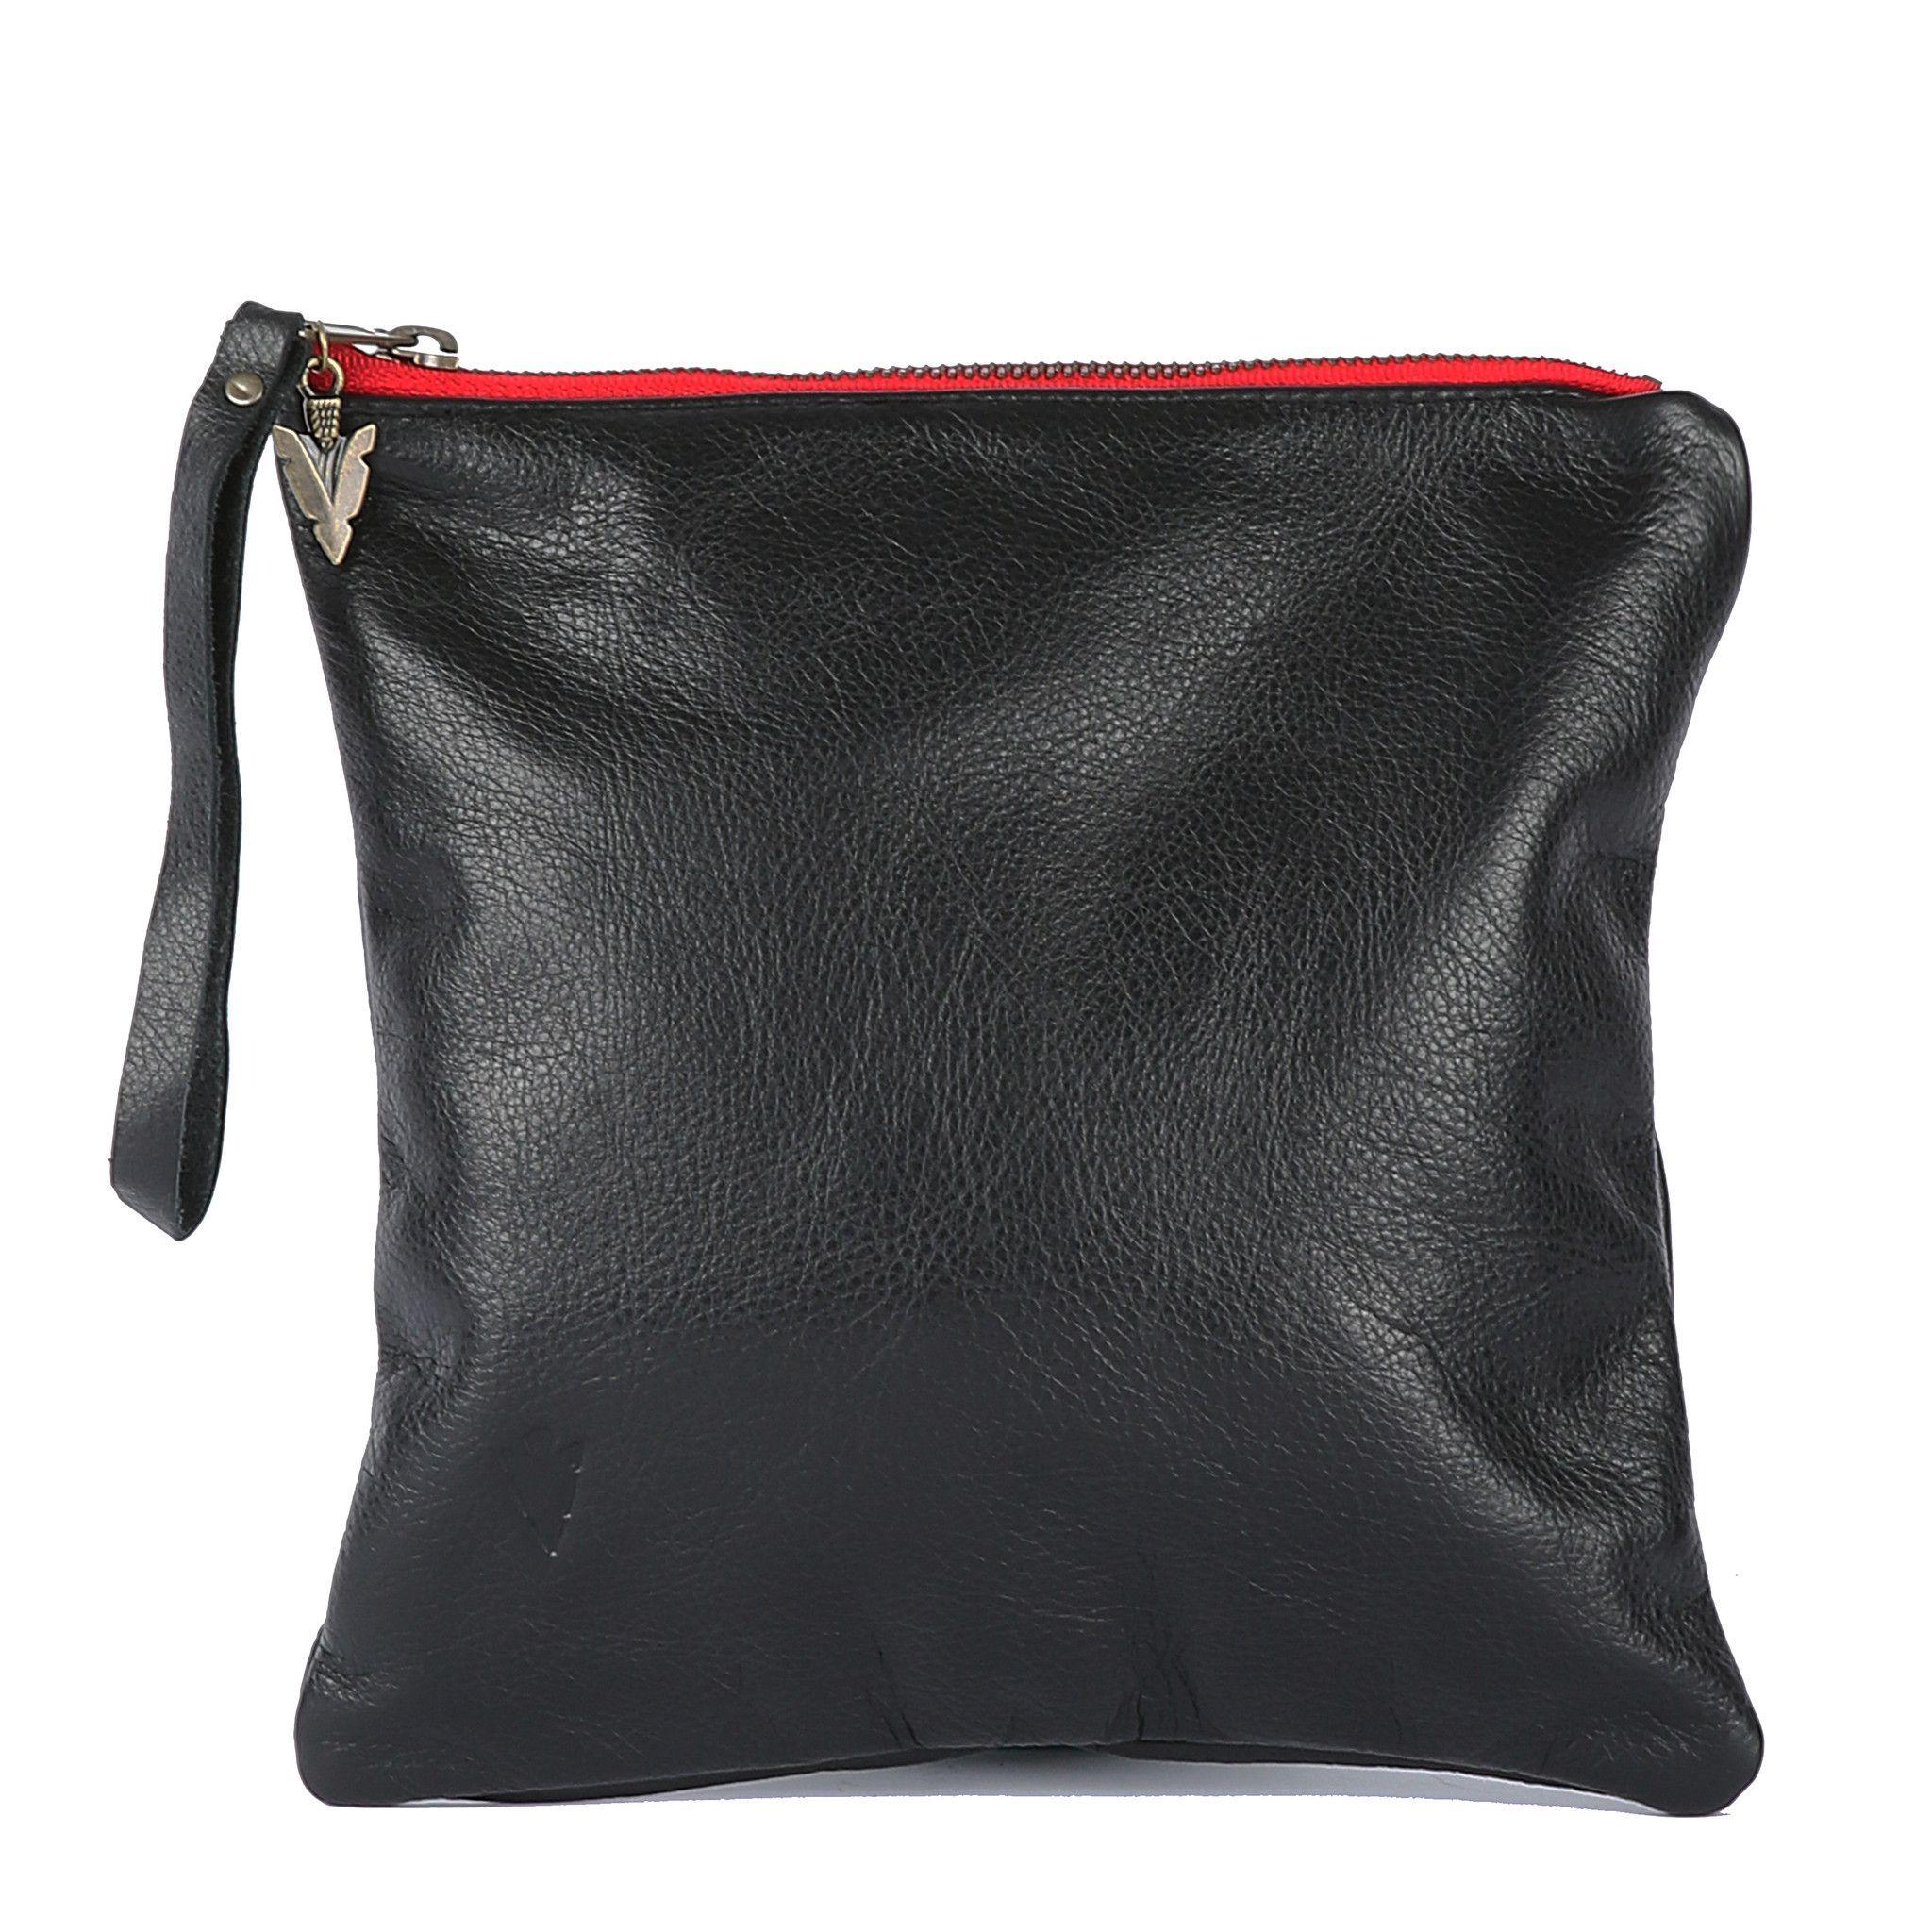 Medium Clutch in Black Leather